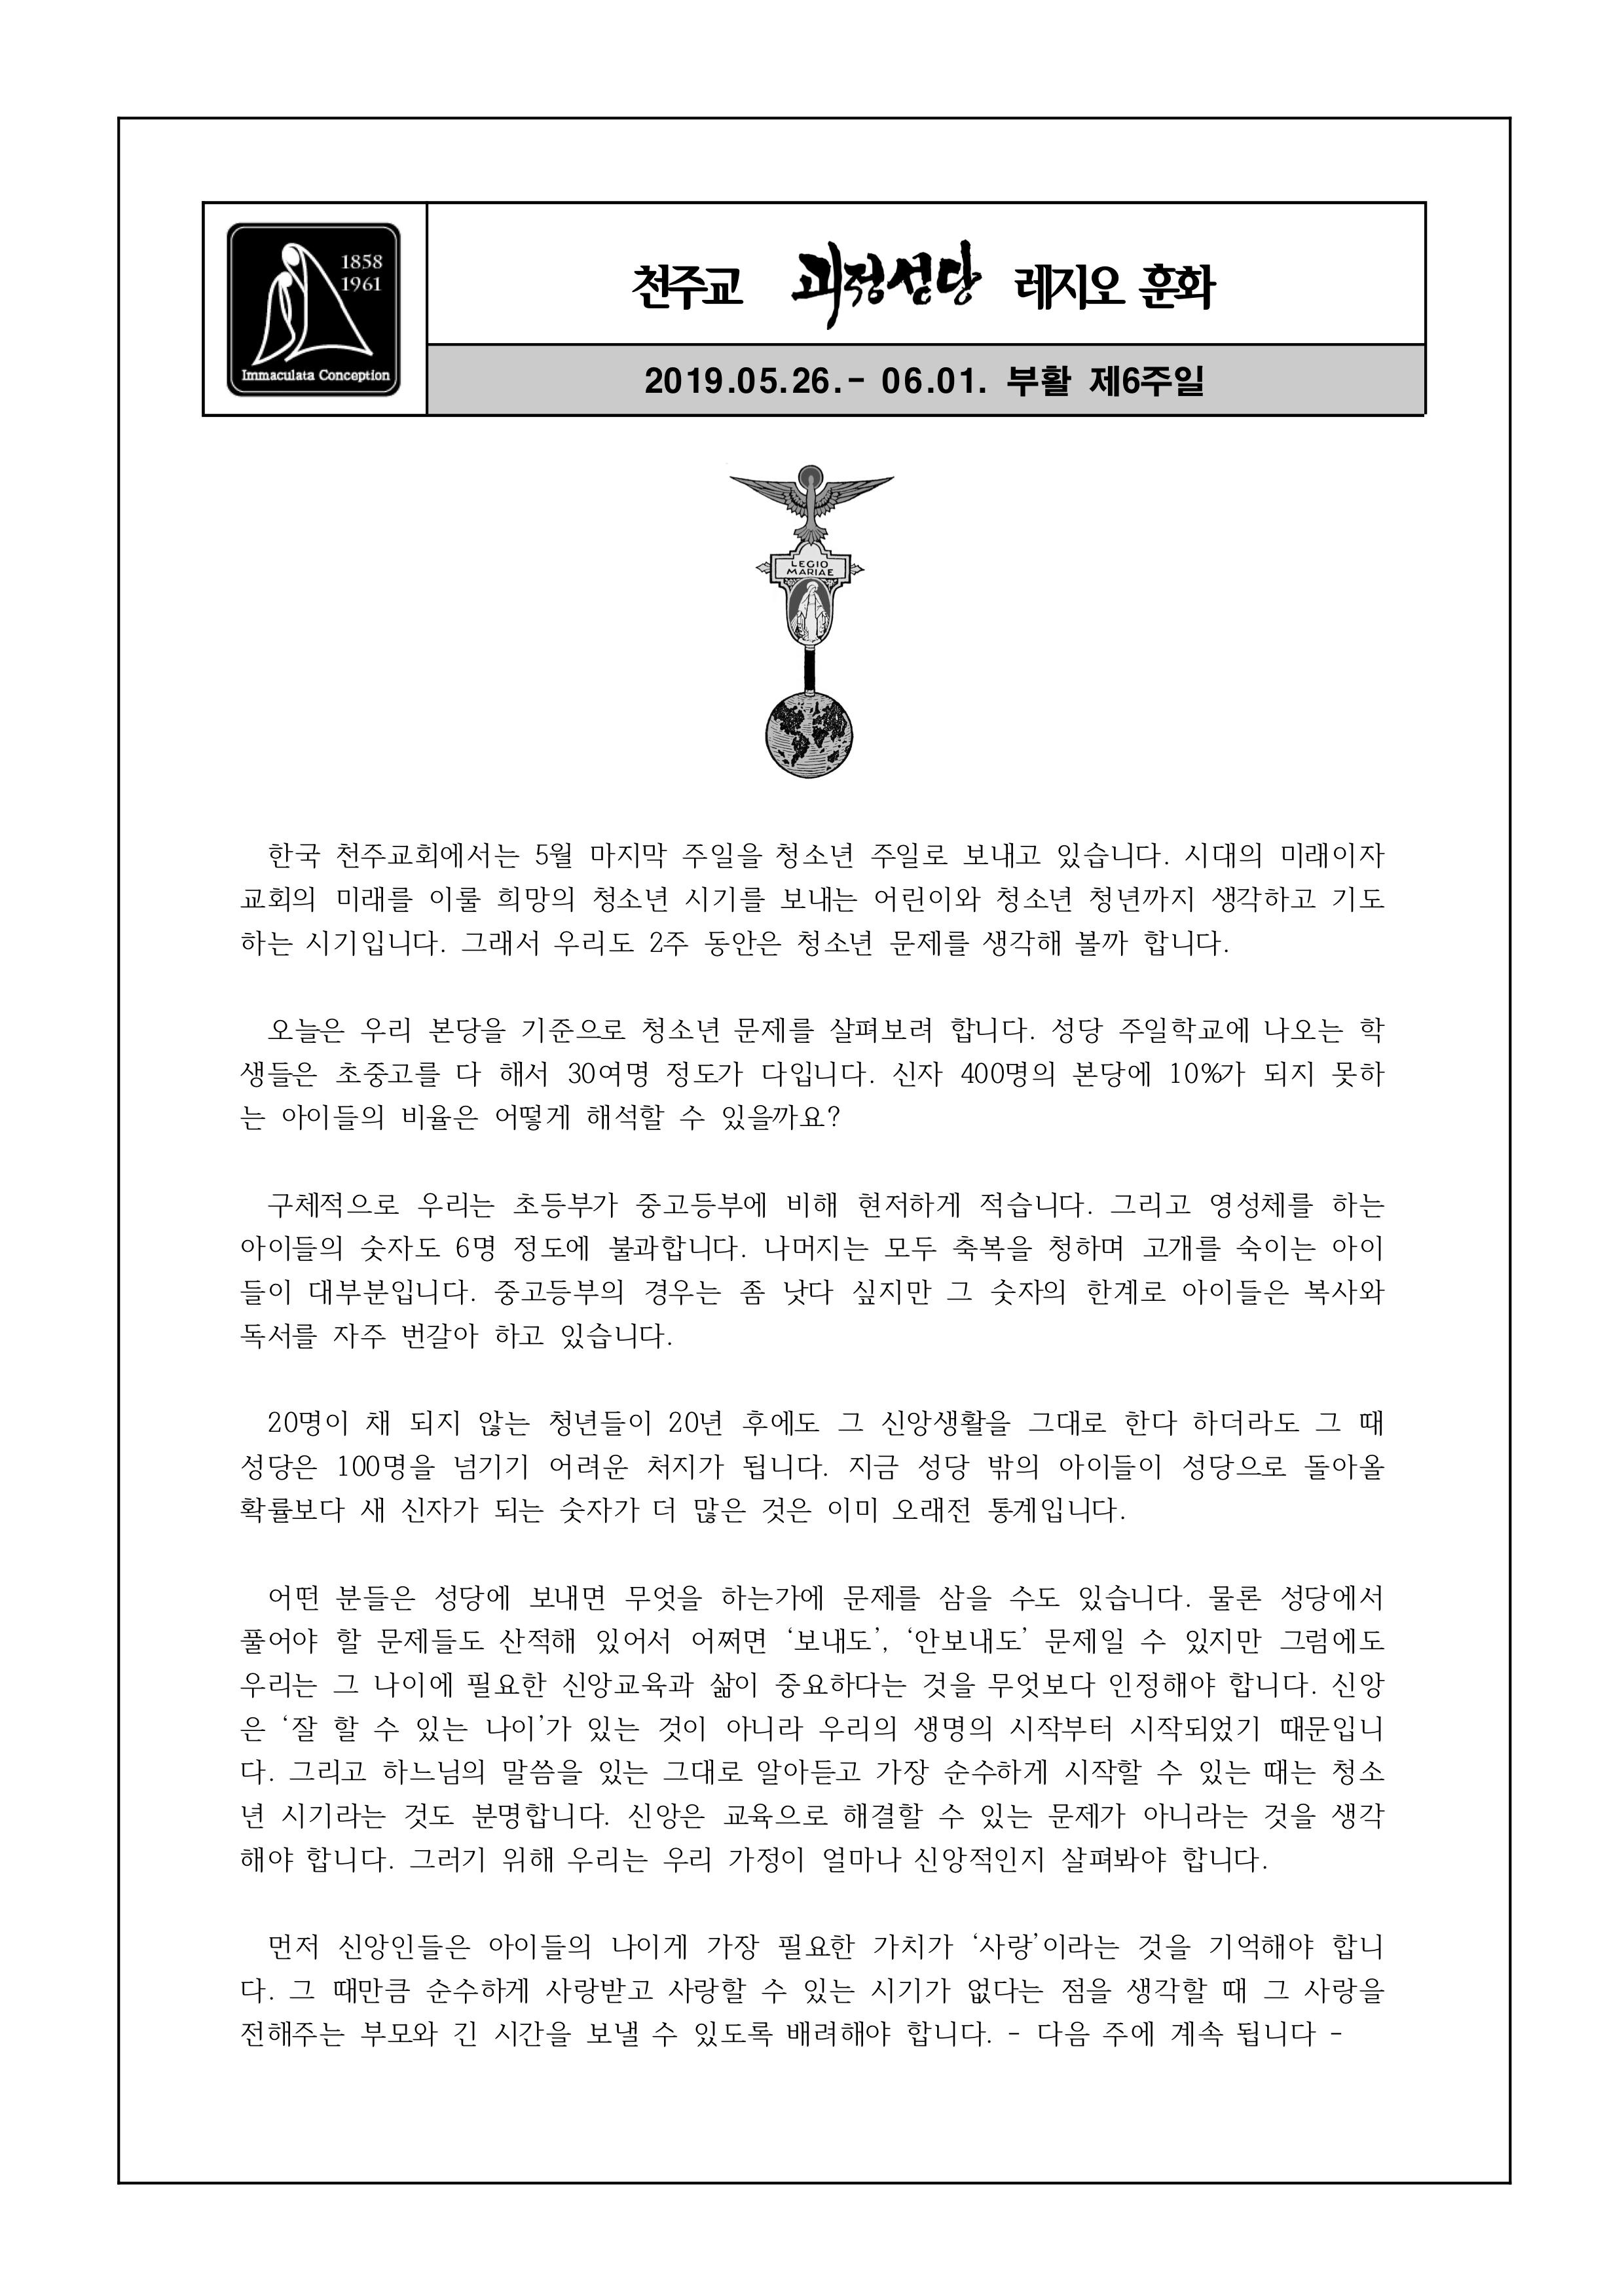 20190526 괴정성당 레지오 훈화.jpg